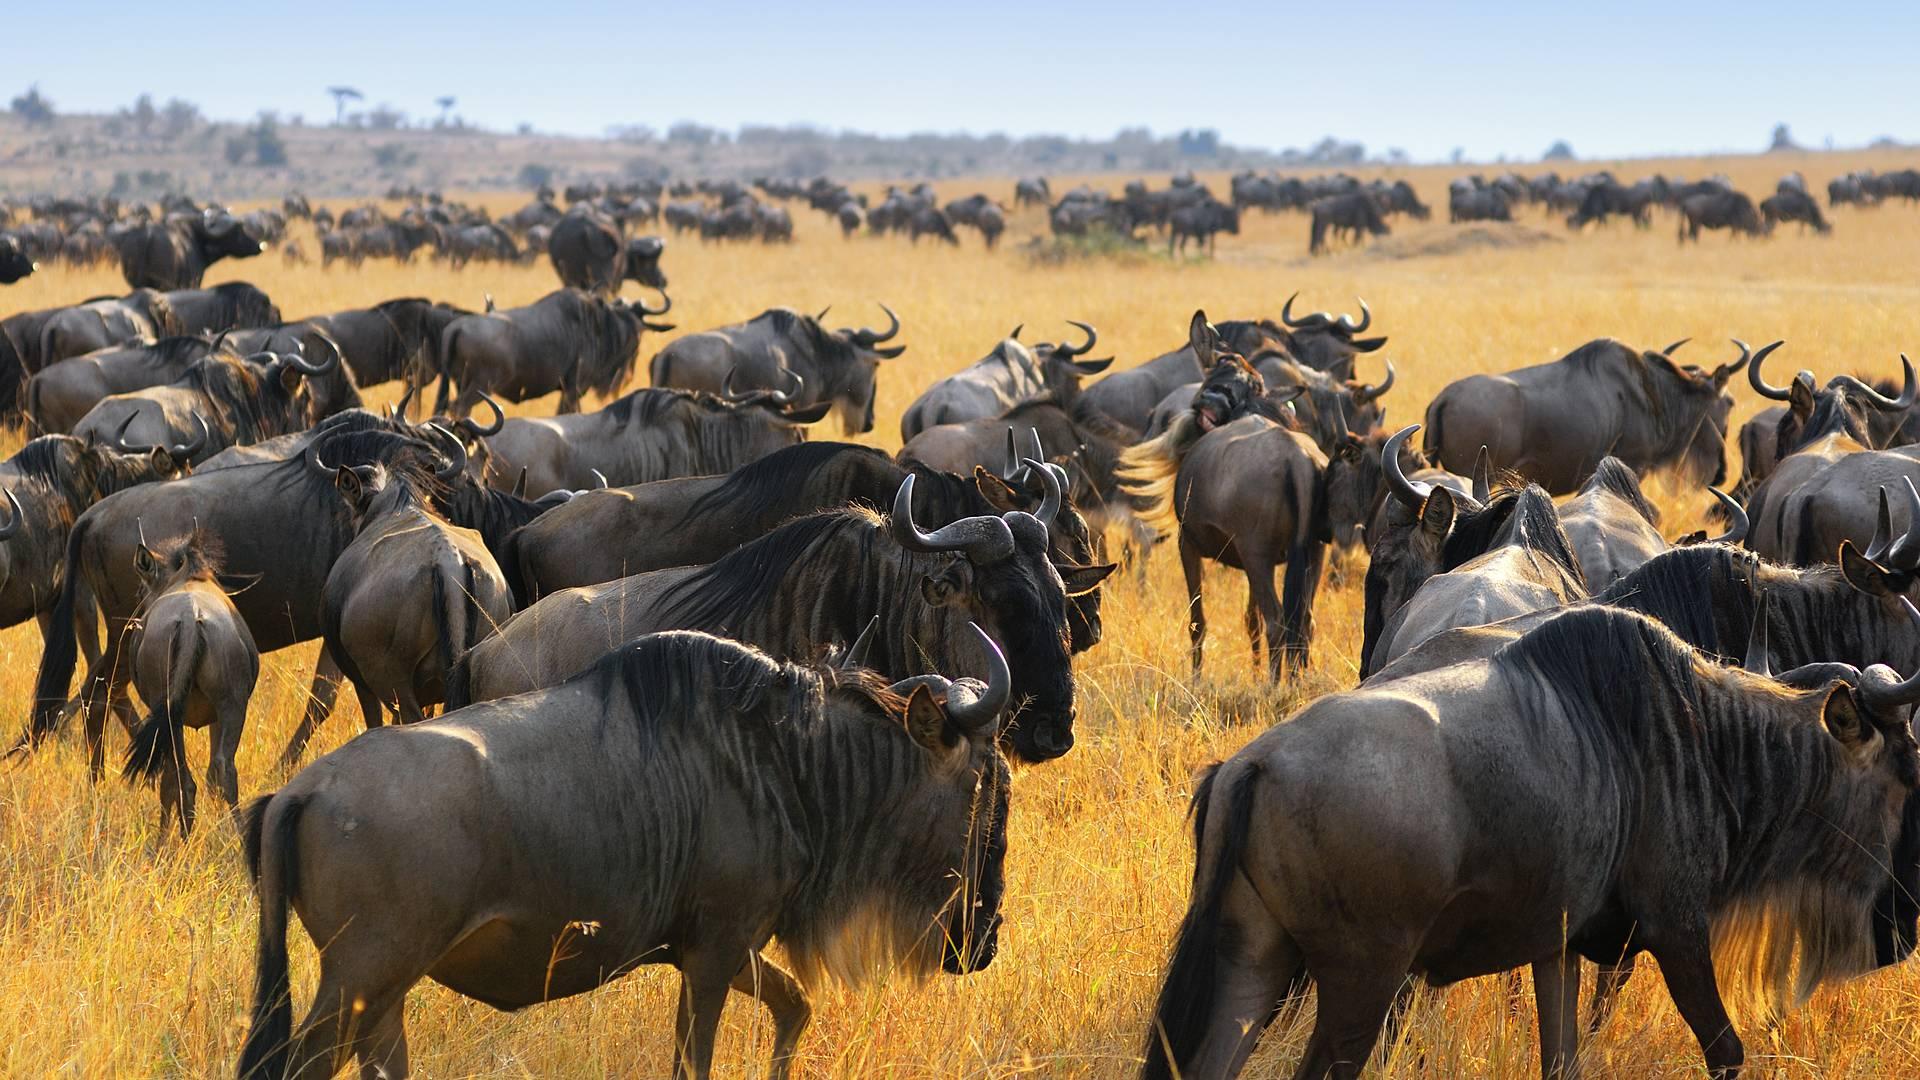 Abenteuer pur im Massai-Mara-Wildreservat